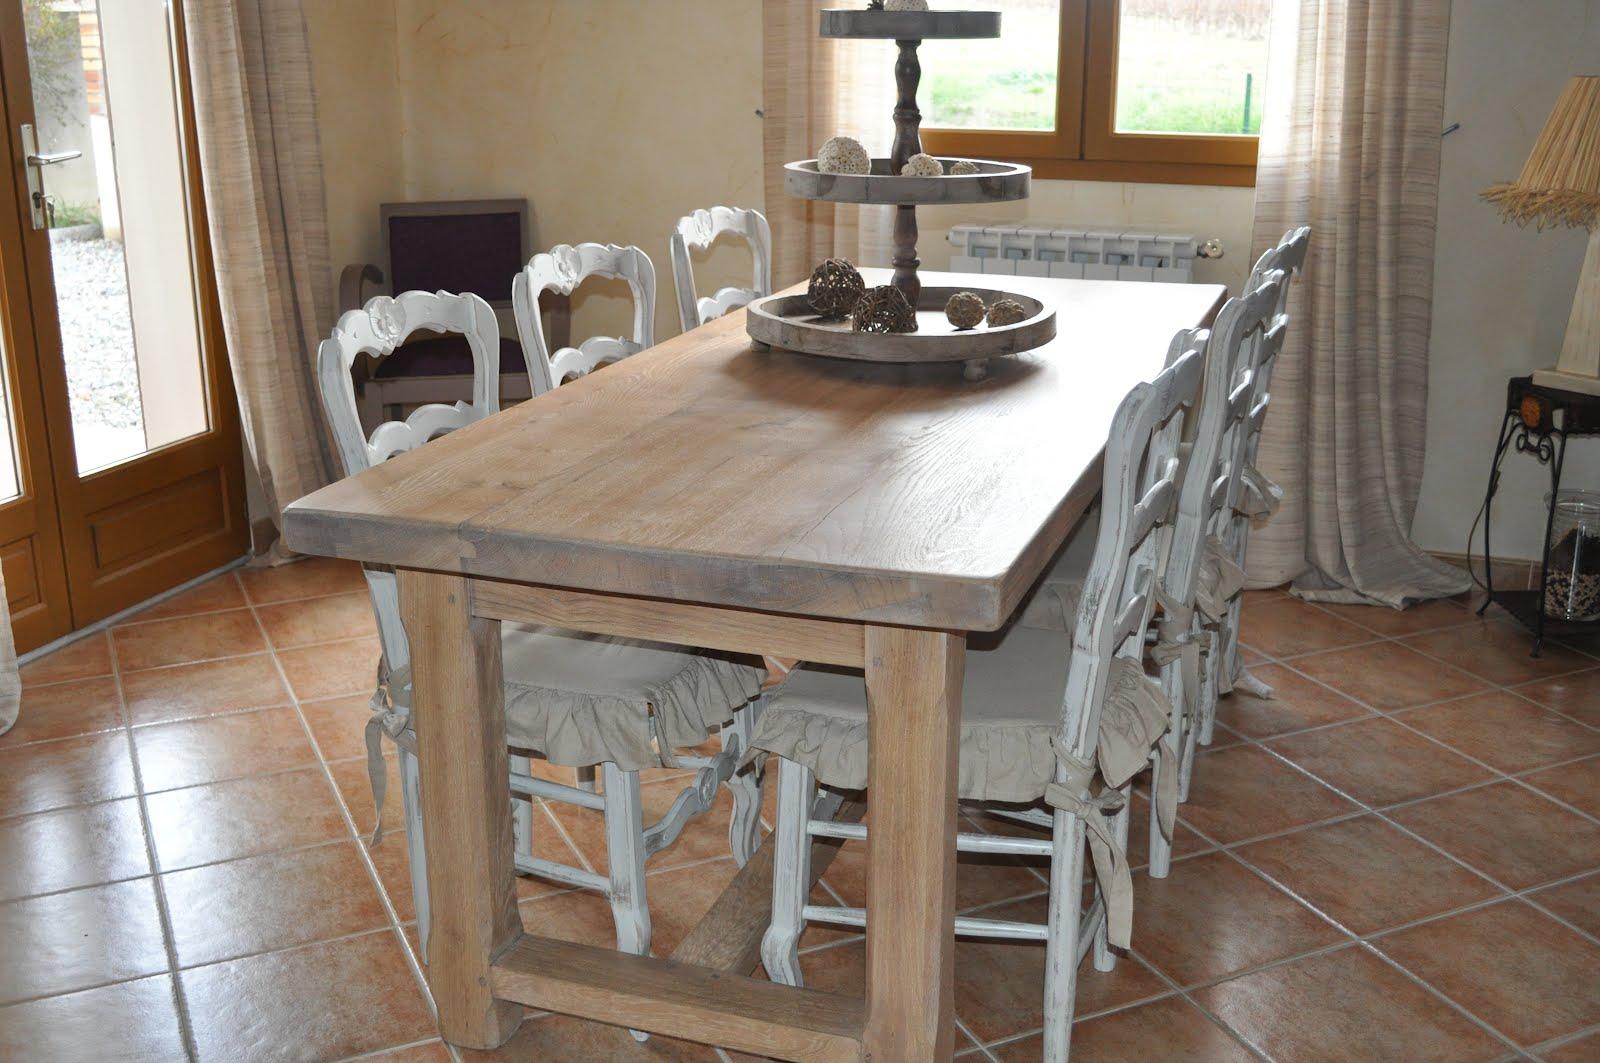 Bois et patines nathalie madrenes rajeunir des chaises style campagnard - Dessus de chaise en bois ...